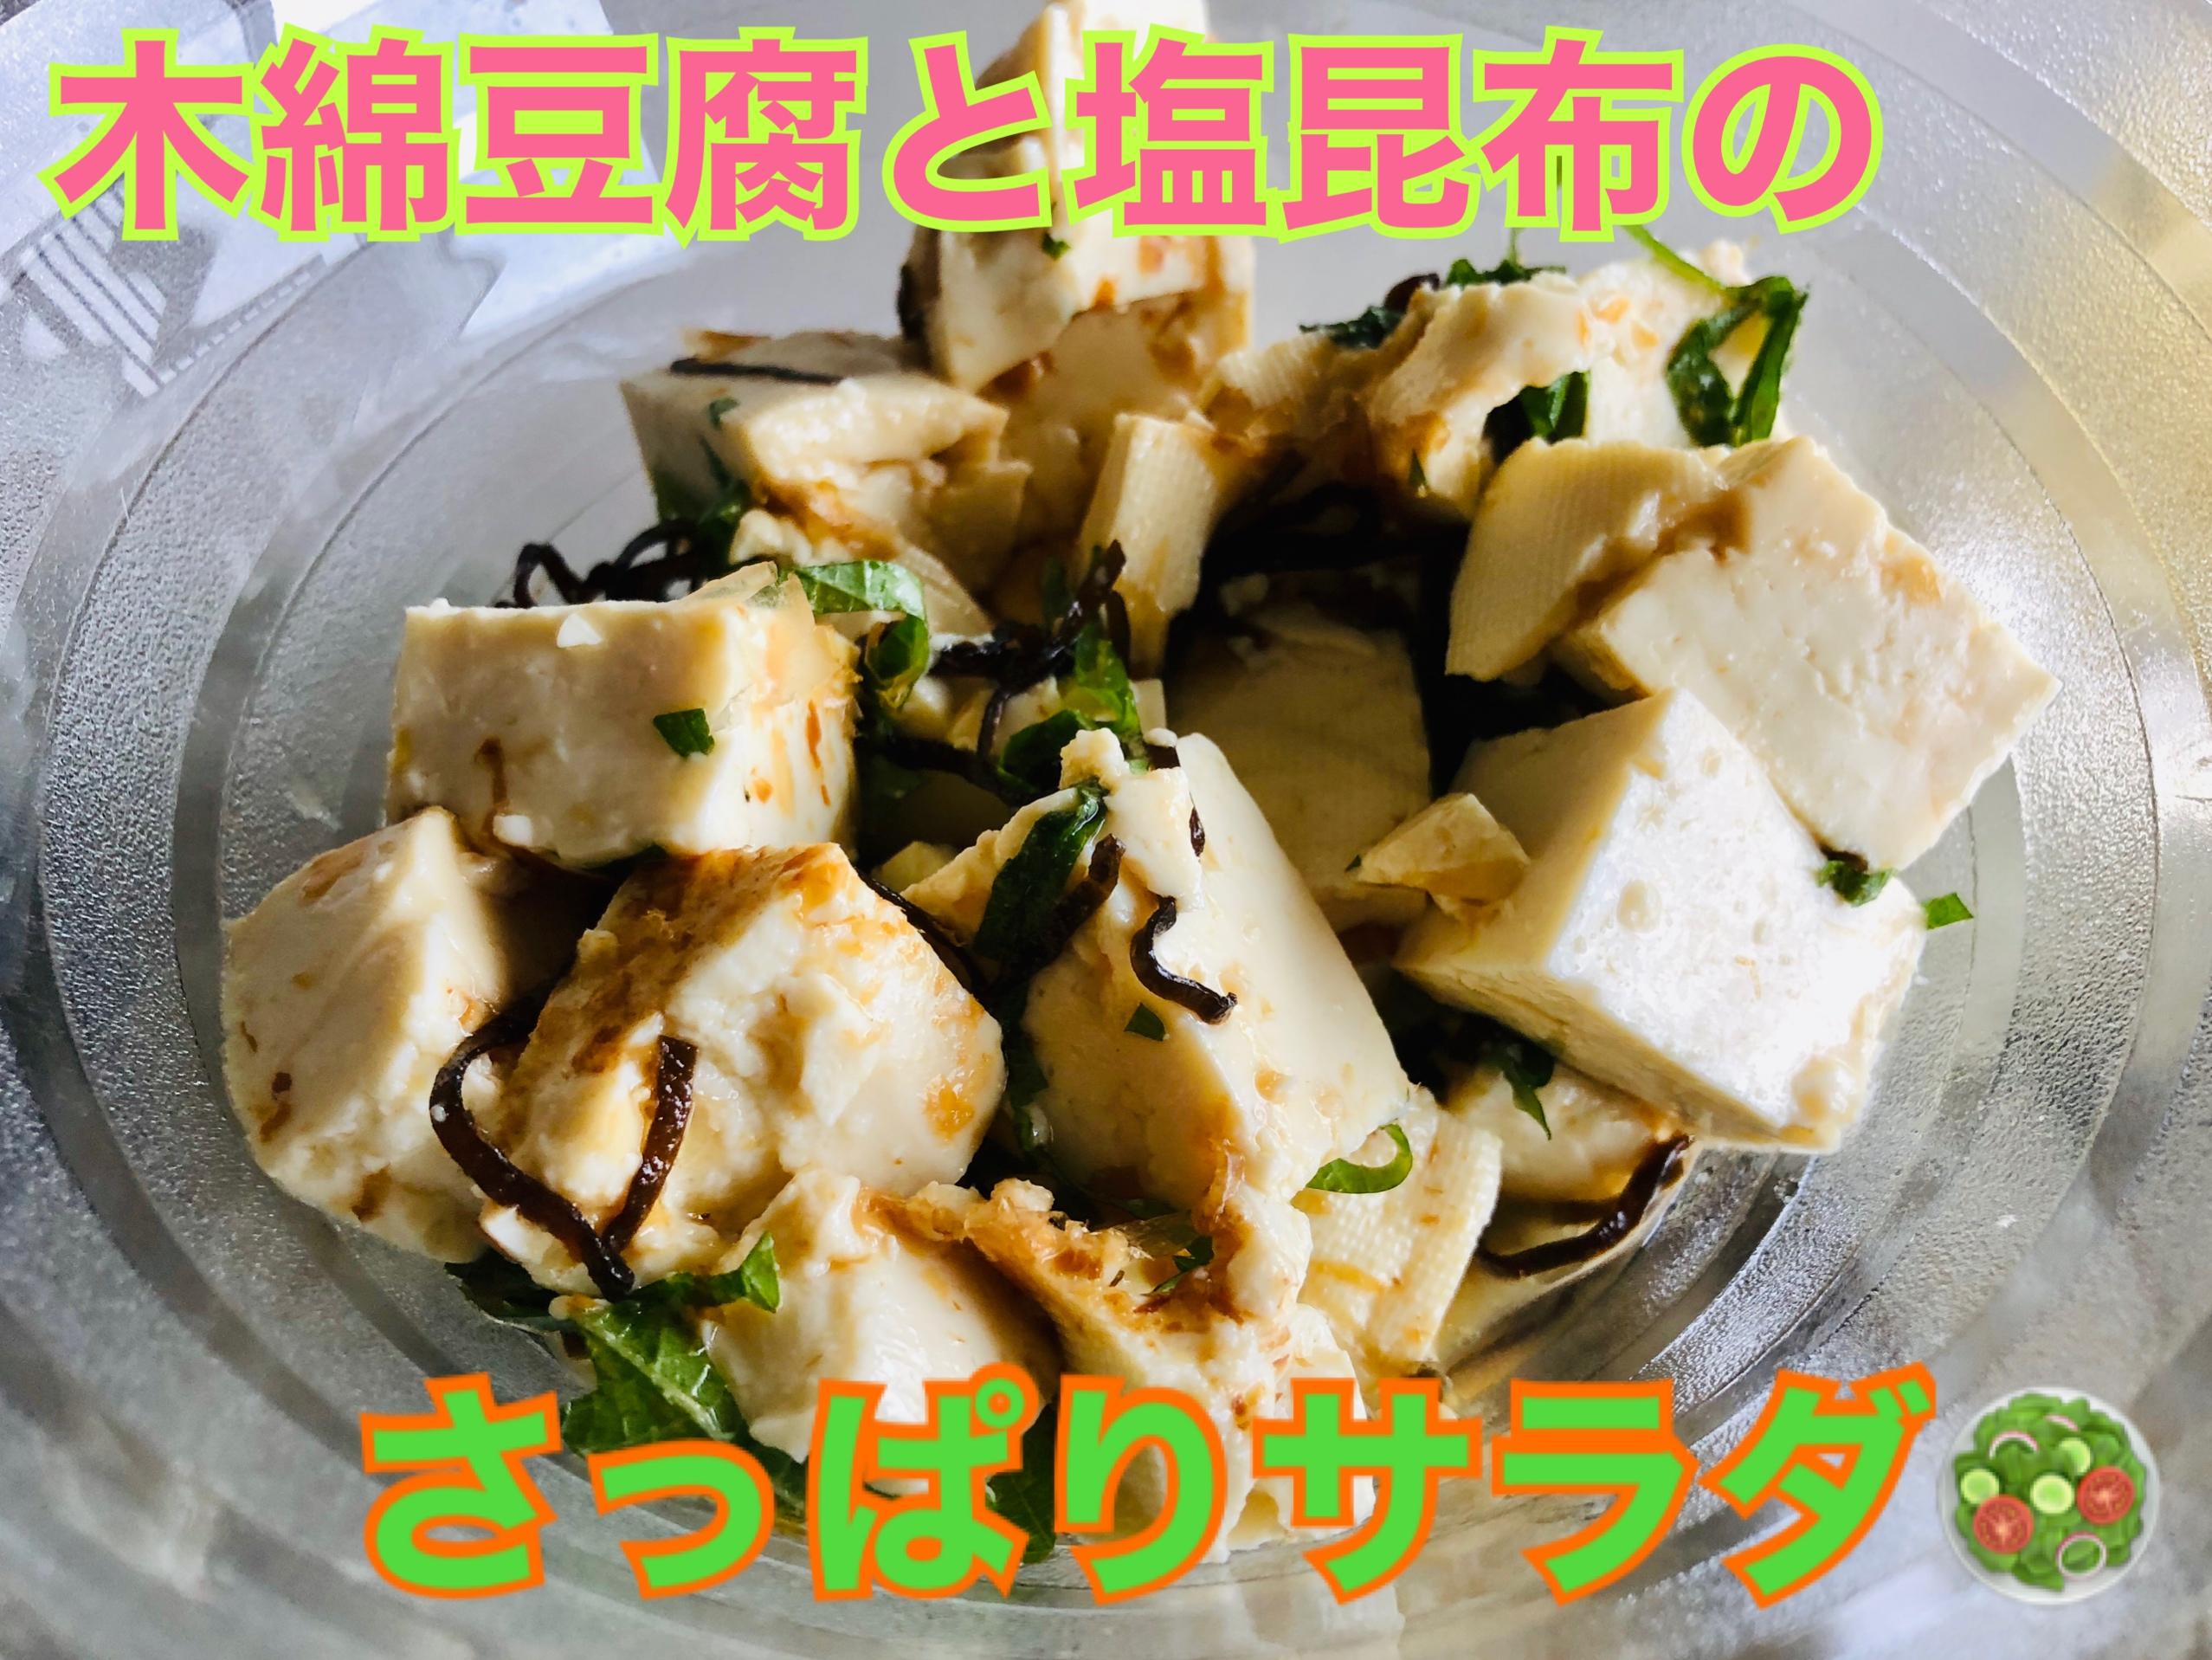 豆腐 レシピ もめん